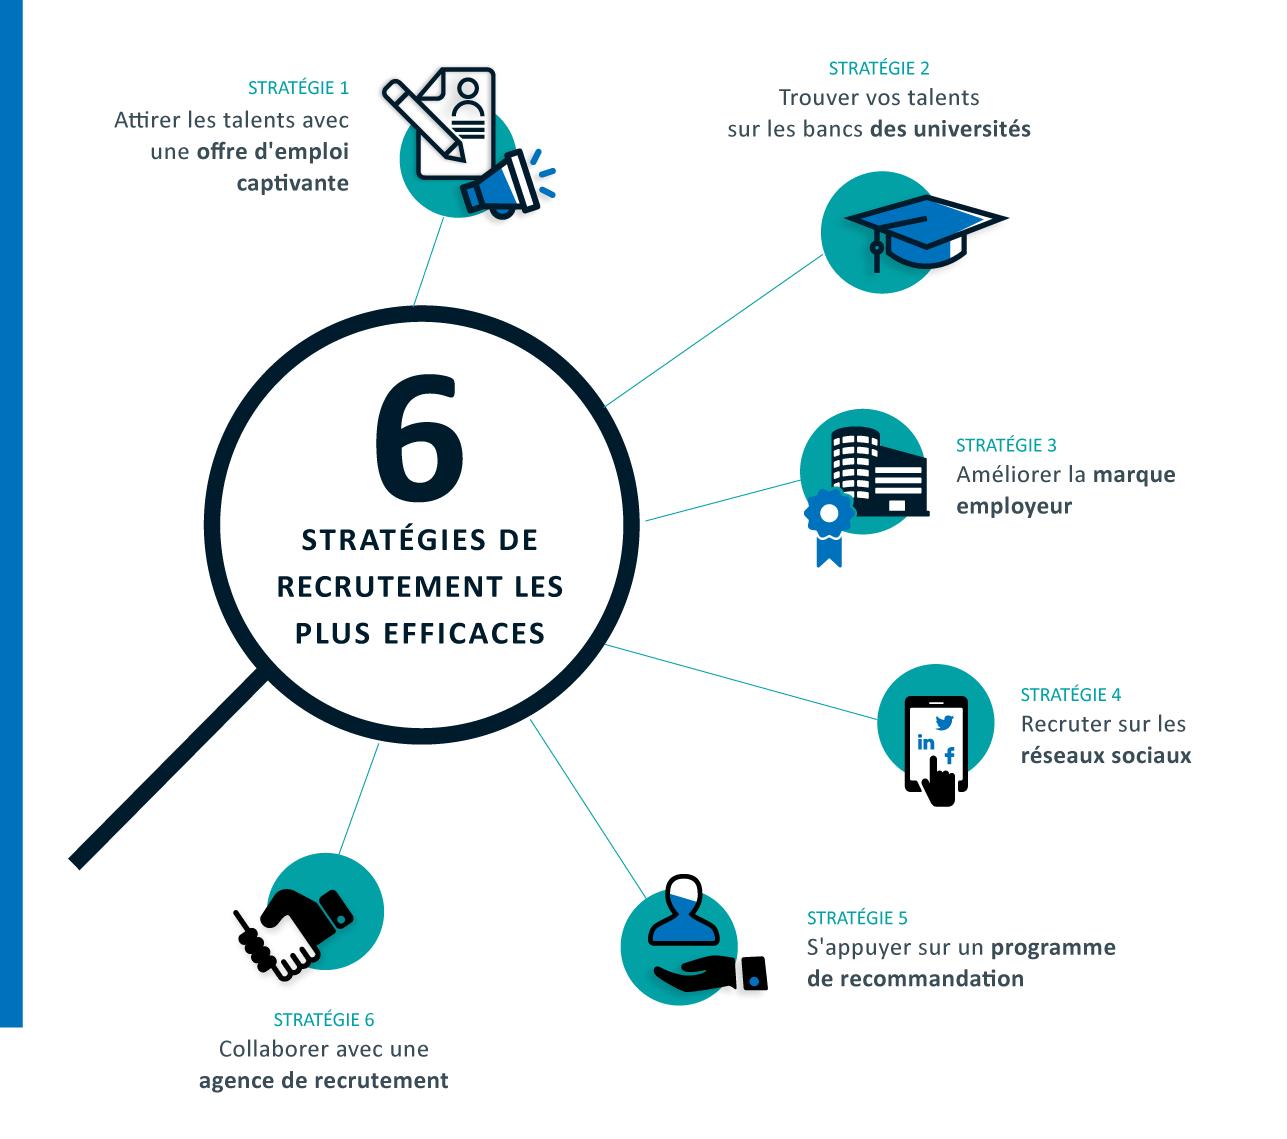 Les 6 stratégies de recrutement les plus efficaces